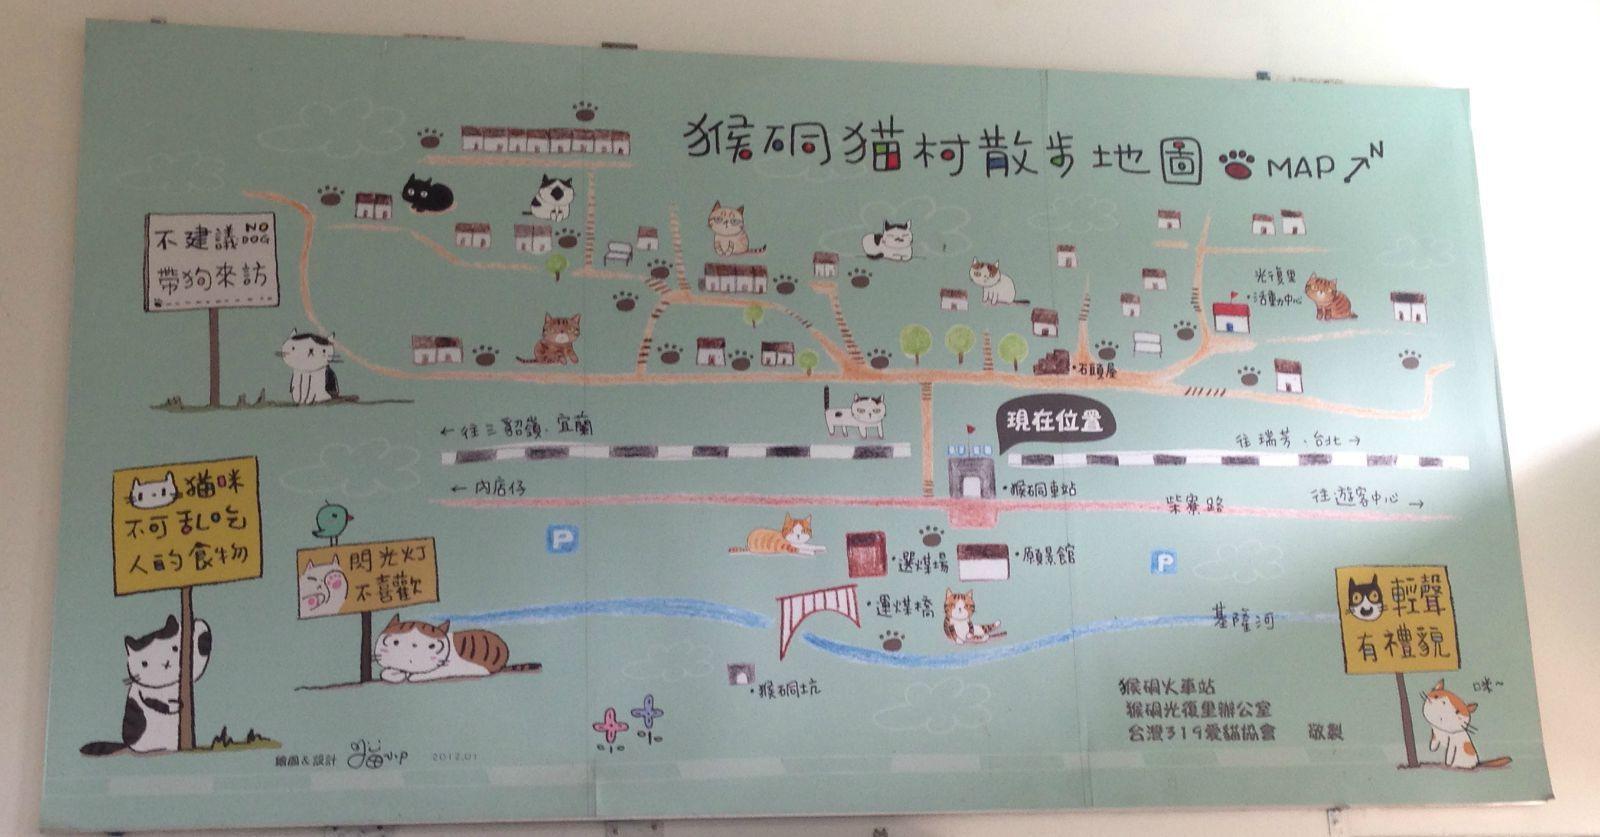 可爱的散步地图.